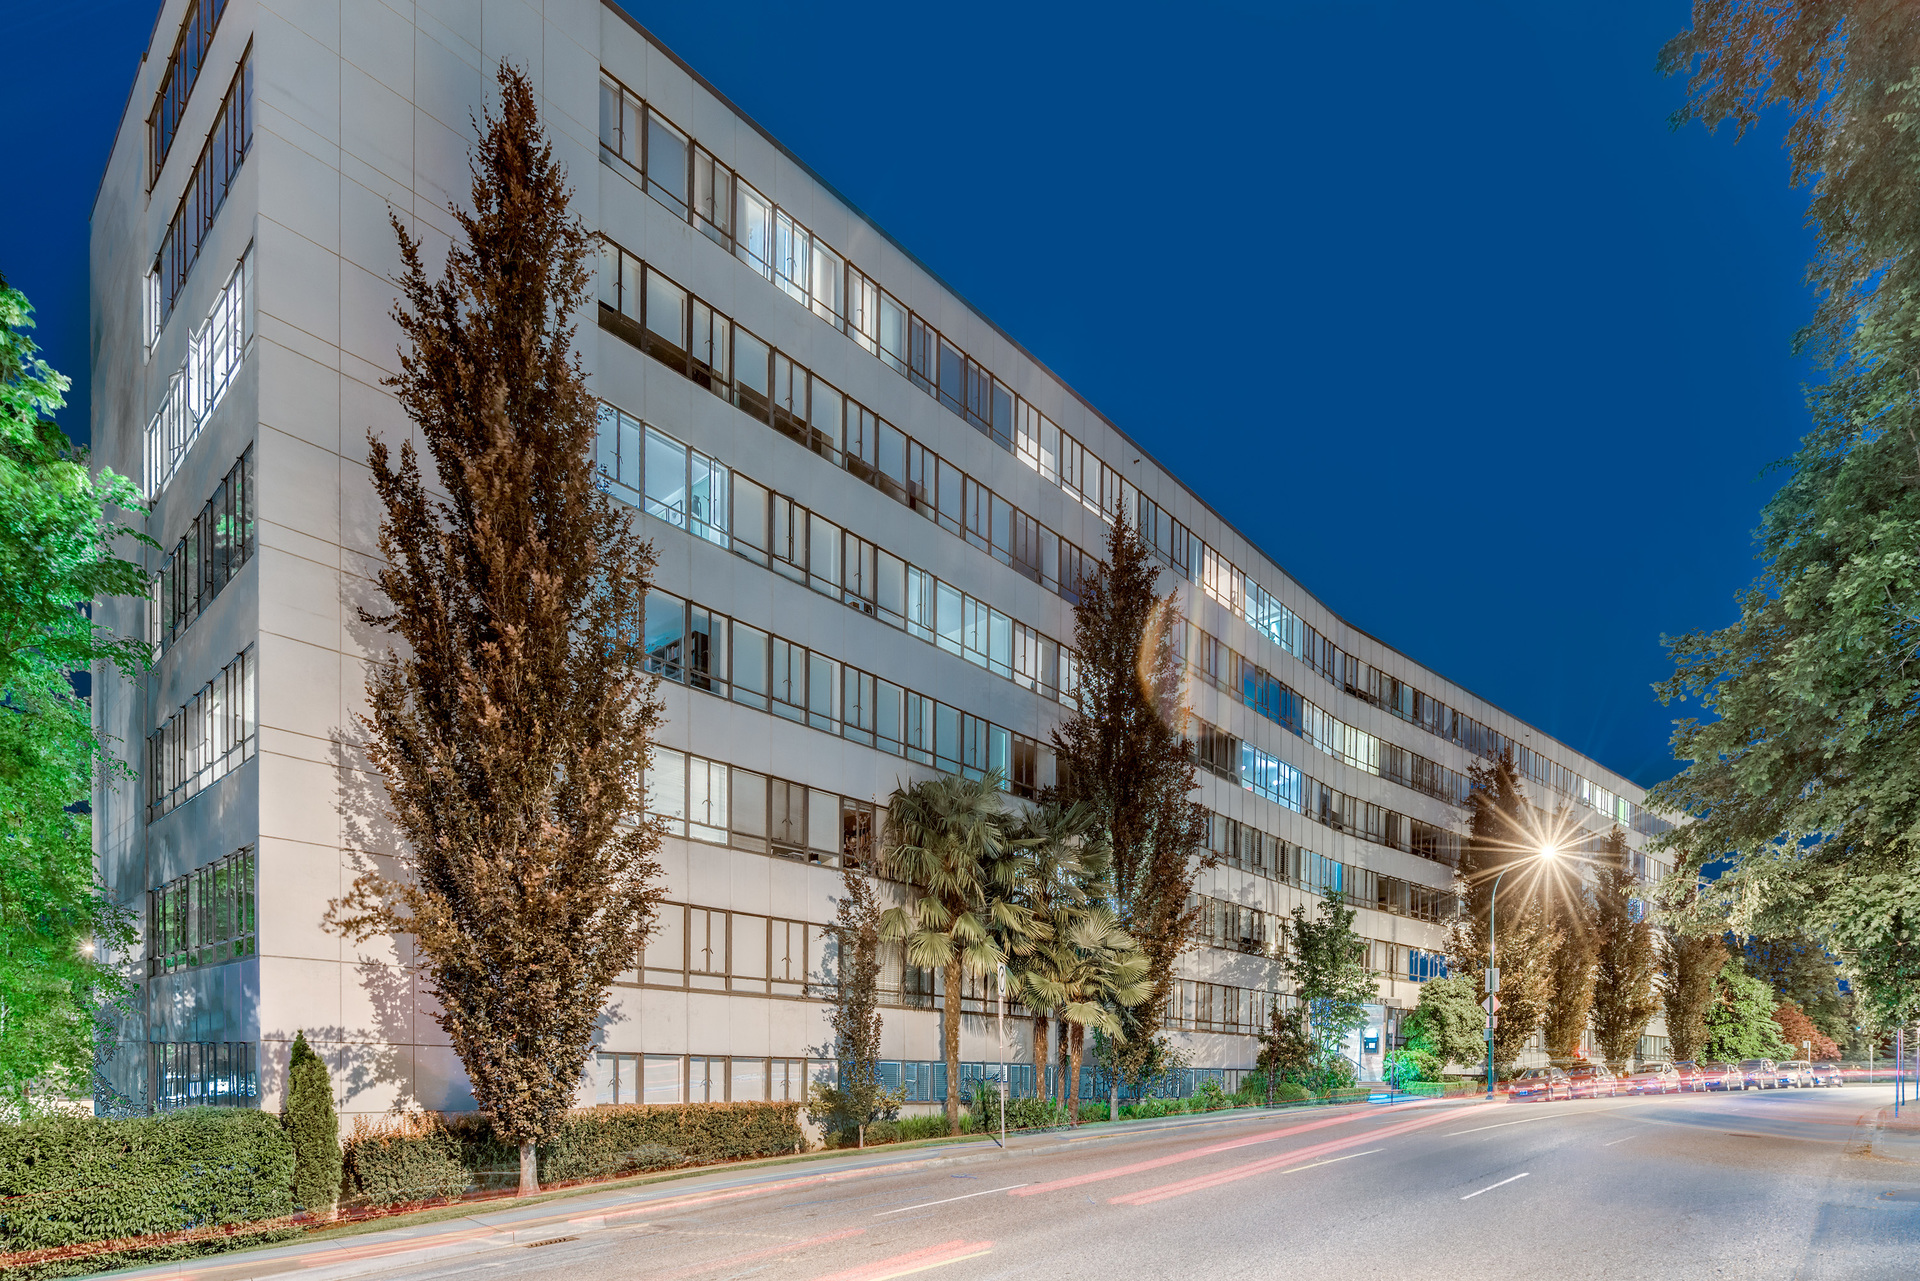 418-1445-marpole-avenue-360hometours-01 at 418 - 1445 Marpole Avenue, Fairview VW, Vancouver West